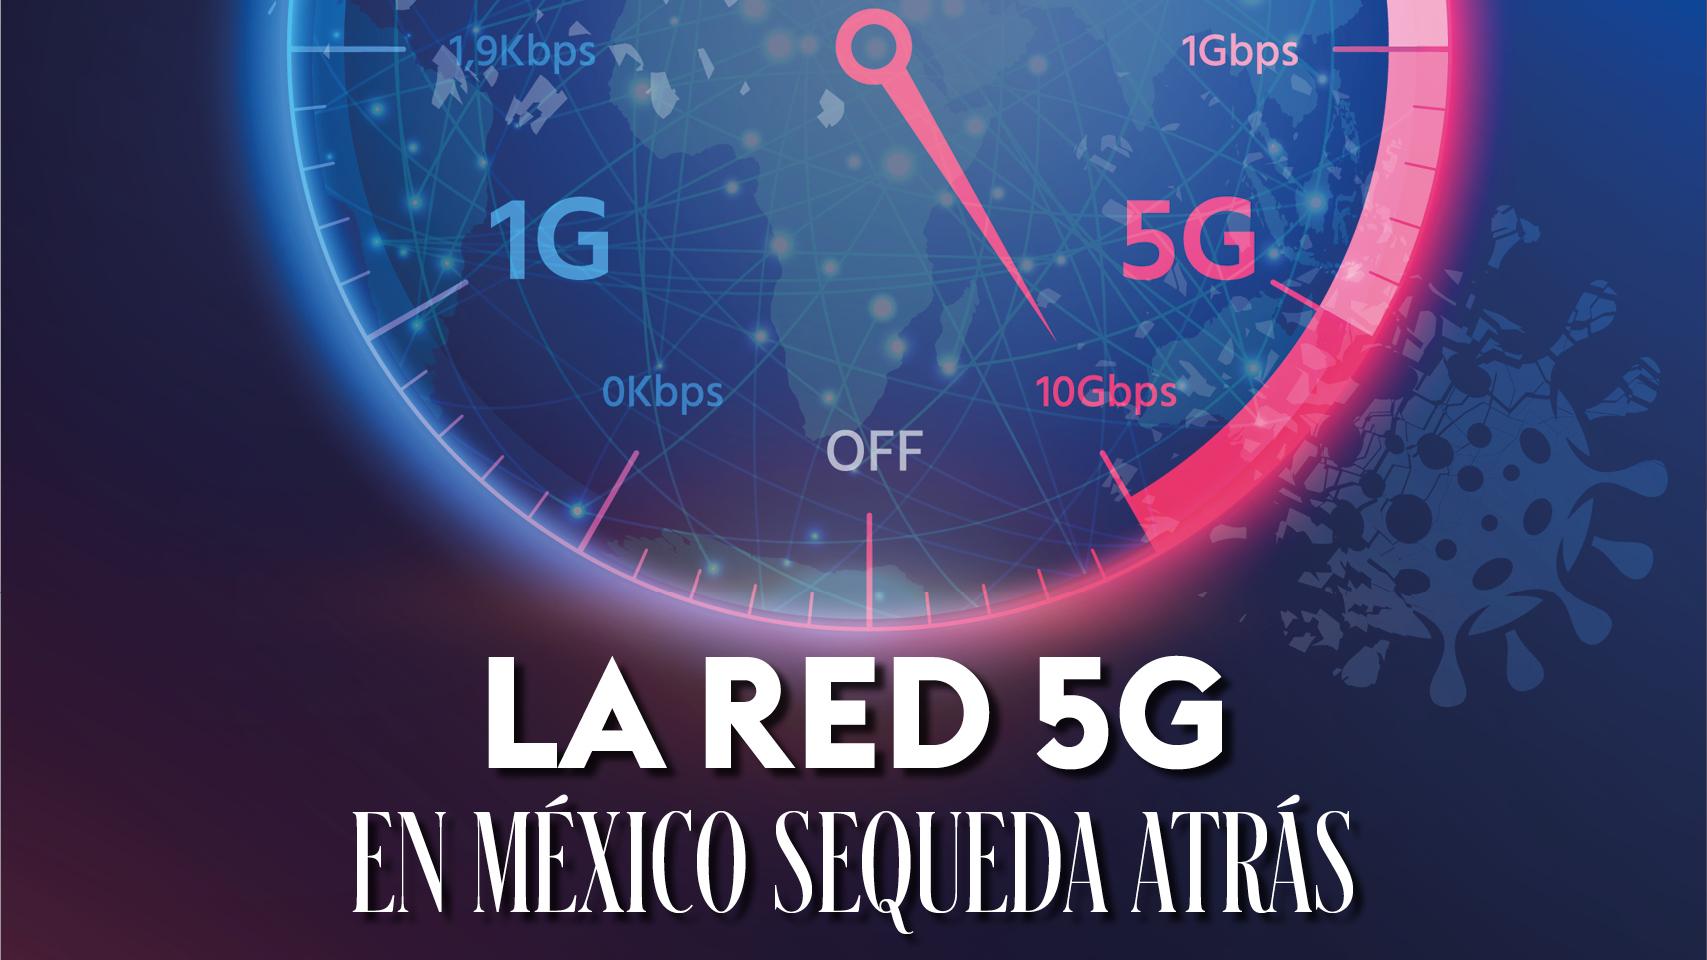 La red 5G en México se queda atrás